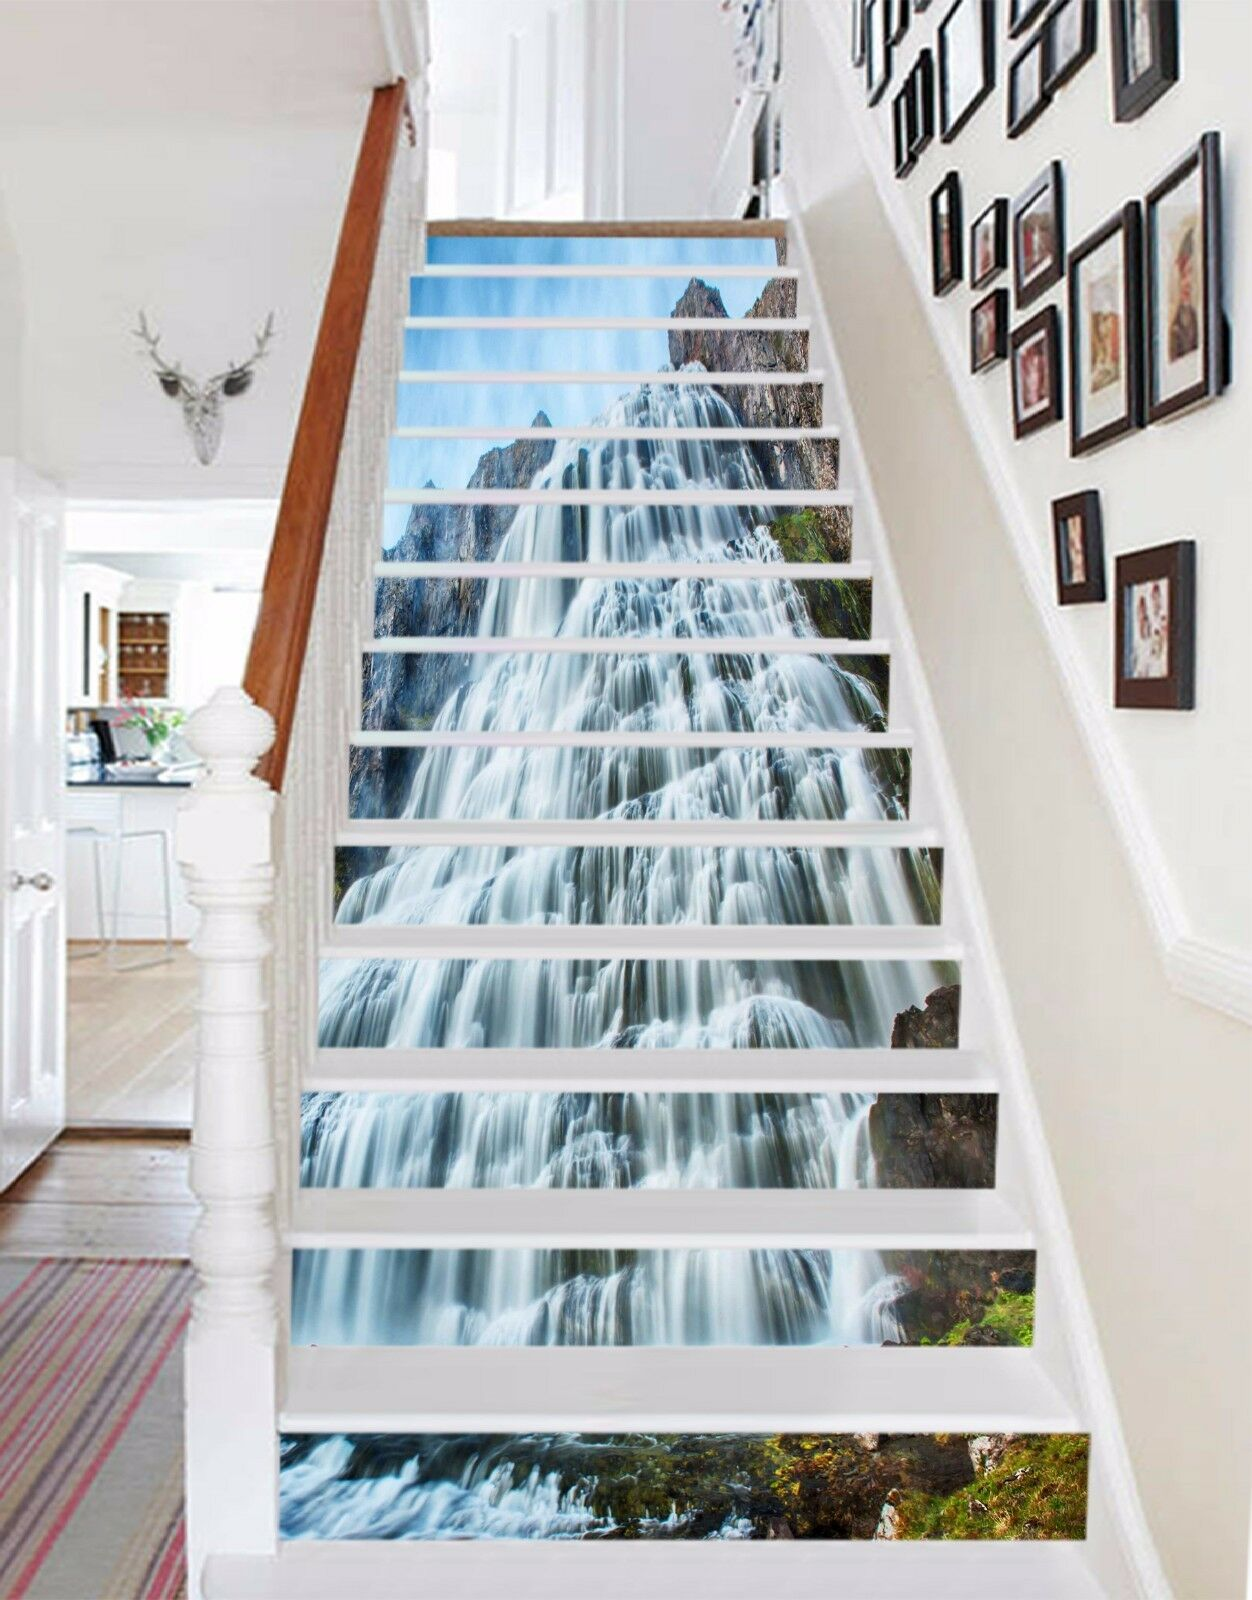 3D eaufall 79 Stair Risers Decoration Photo Mural Vinyl Decal Wallpaper AU